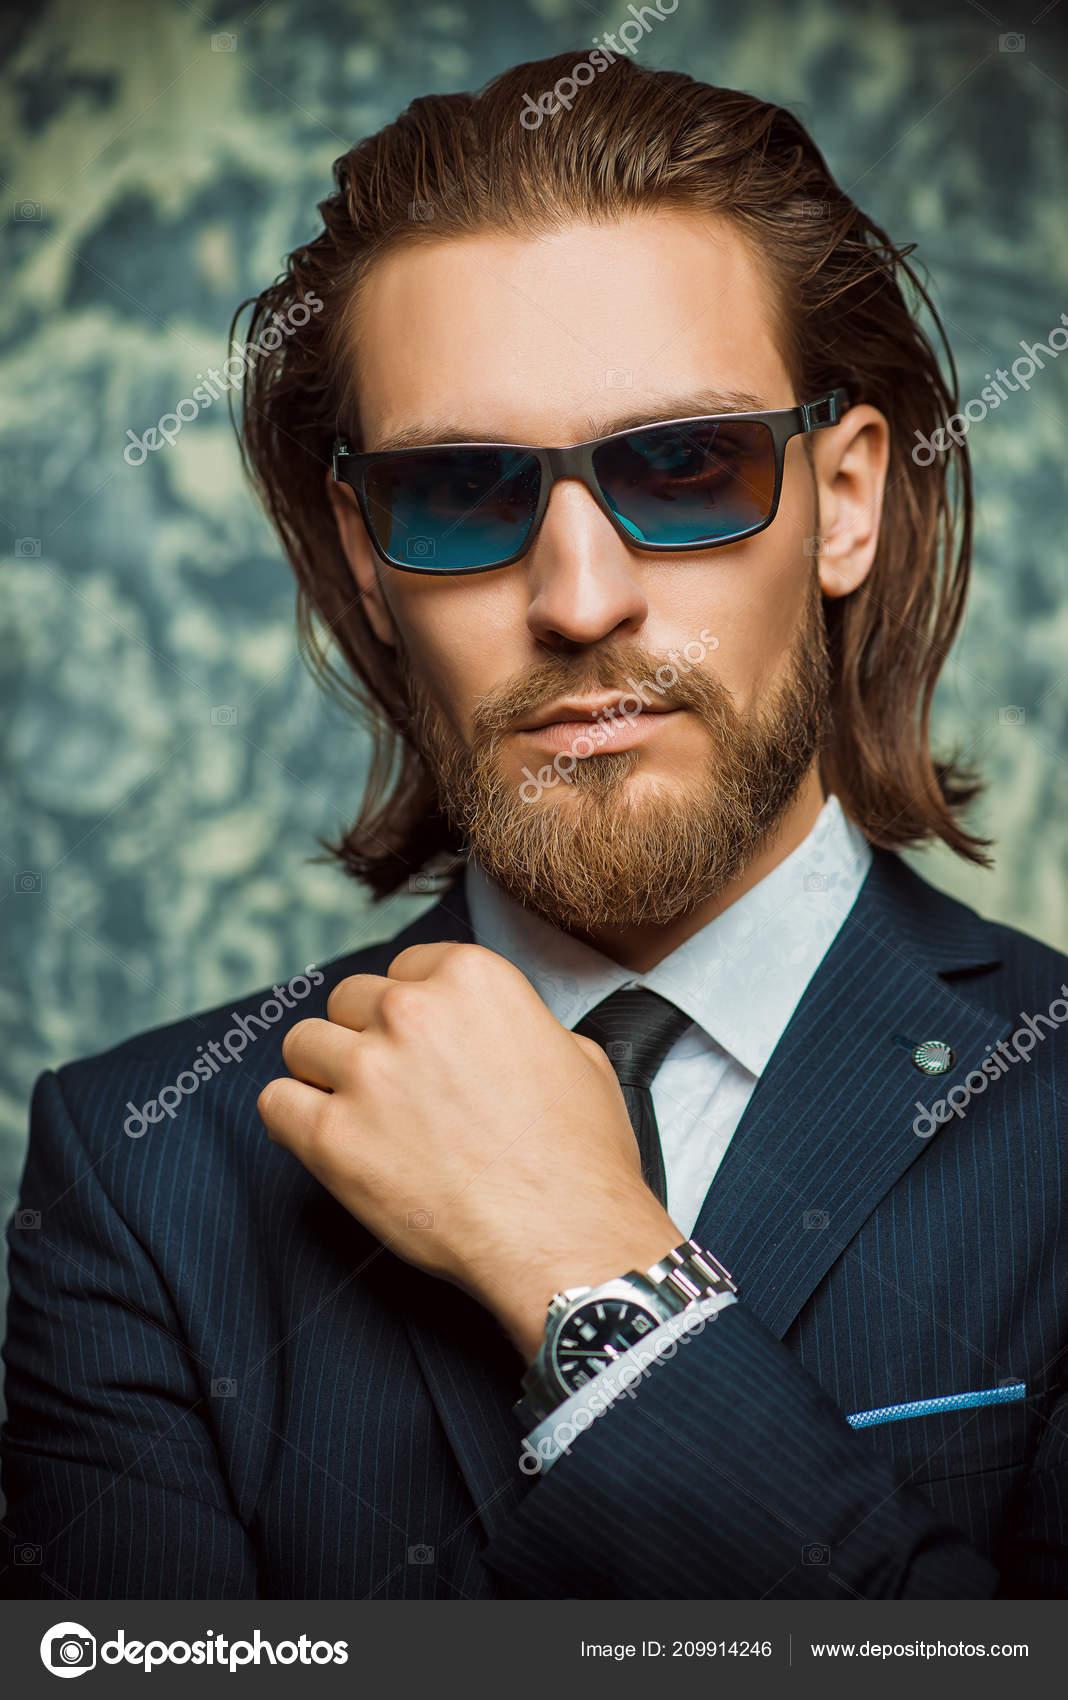 1c15c176fbbccd Hübscher junger Mann posiert in eleganter Anzug und Sonnenbrille auf  dunklem Hintergrund. Männliche Schönheit